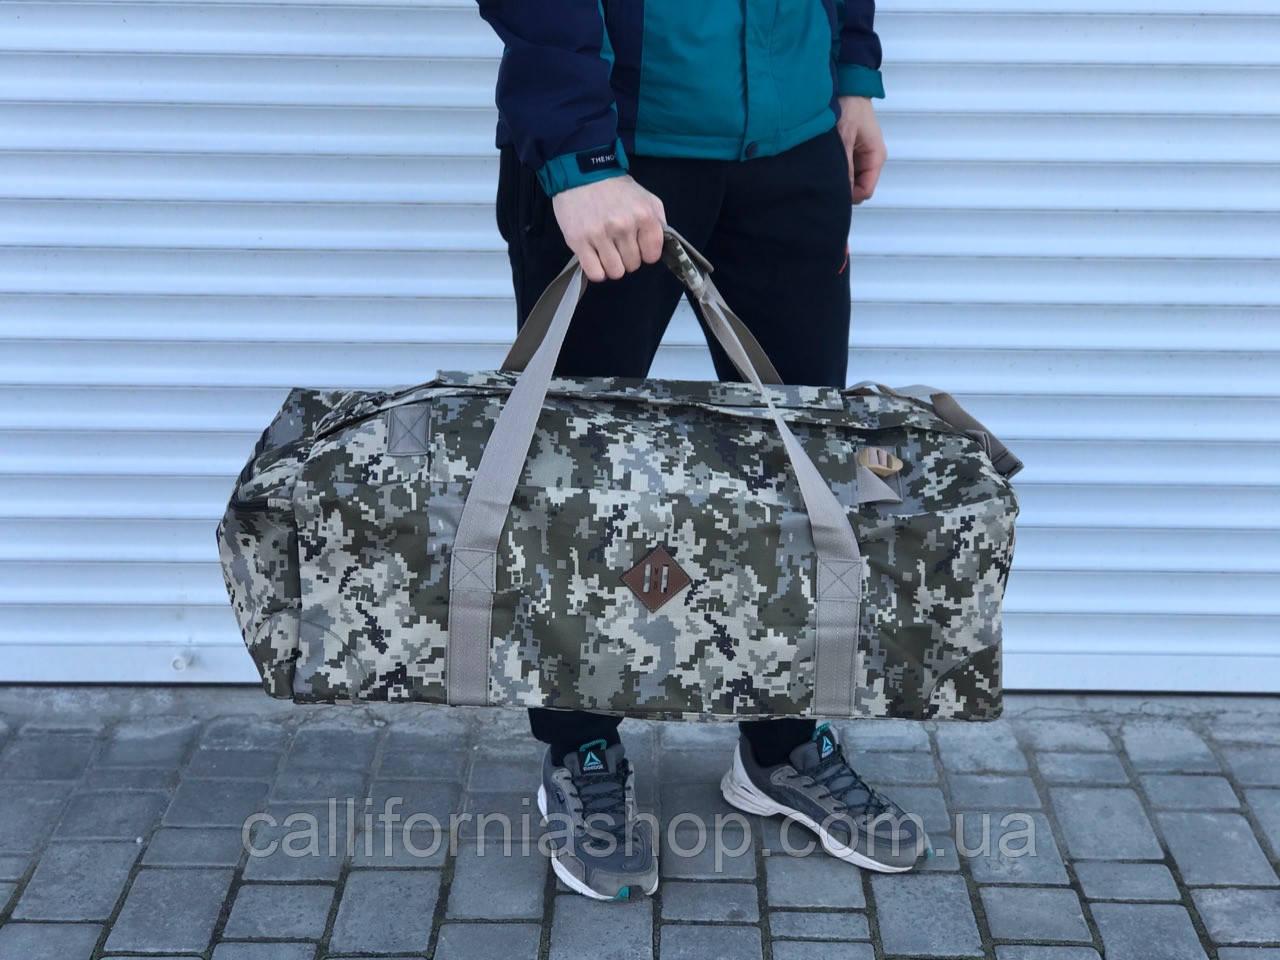 Дорожная большая сумка-рюкзак камуфляжная на 60 литров